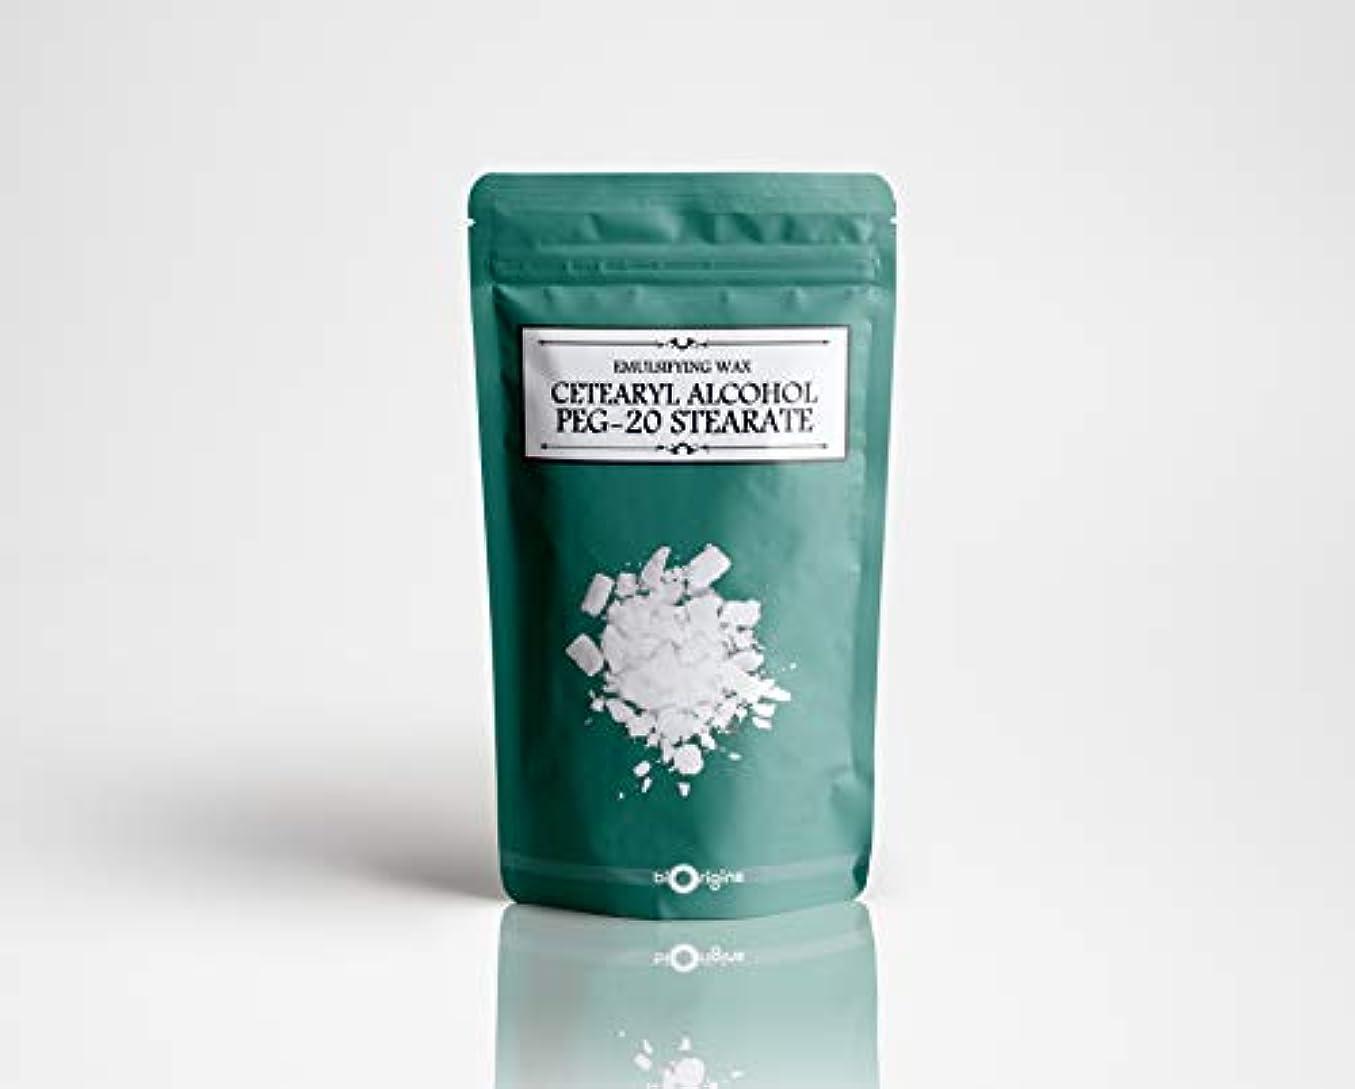 トロリー目的階層Emulsifying Wax (Cetearyl Alcohol/PEG-20 Stearate) 100g